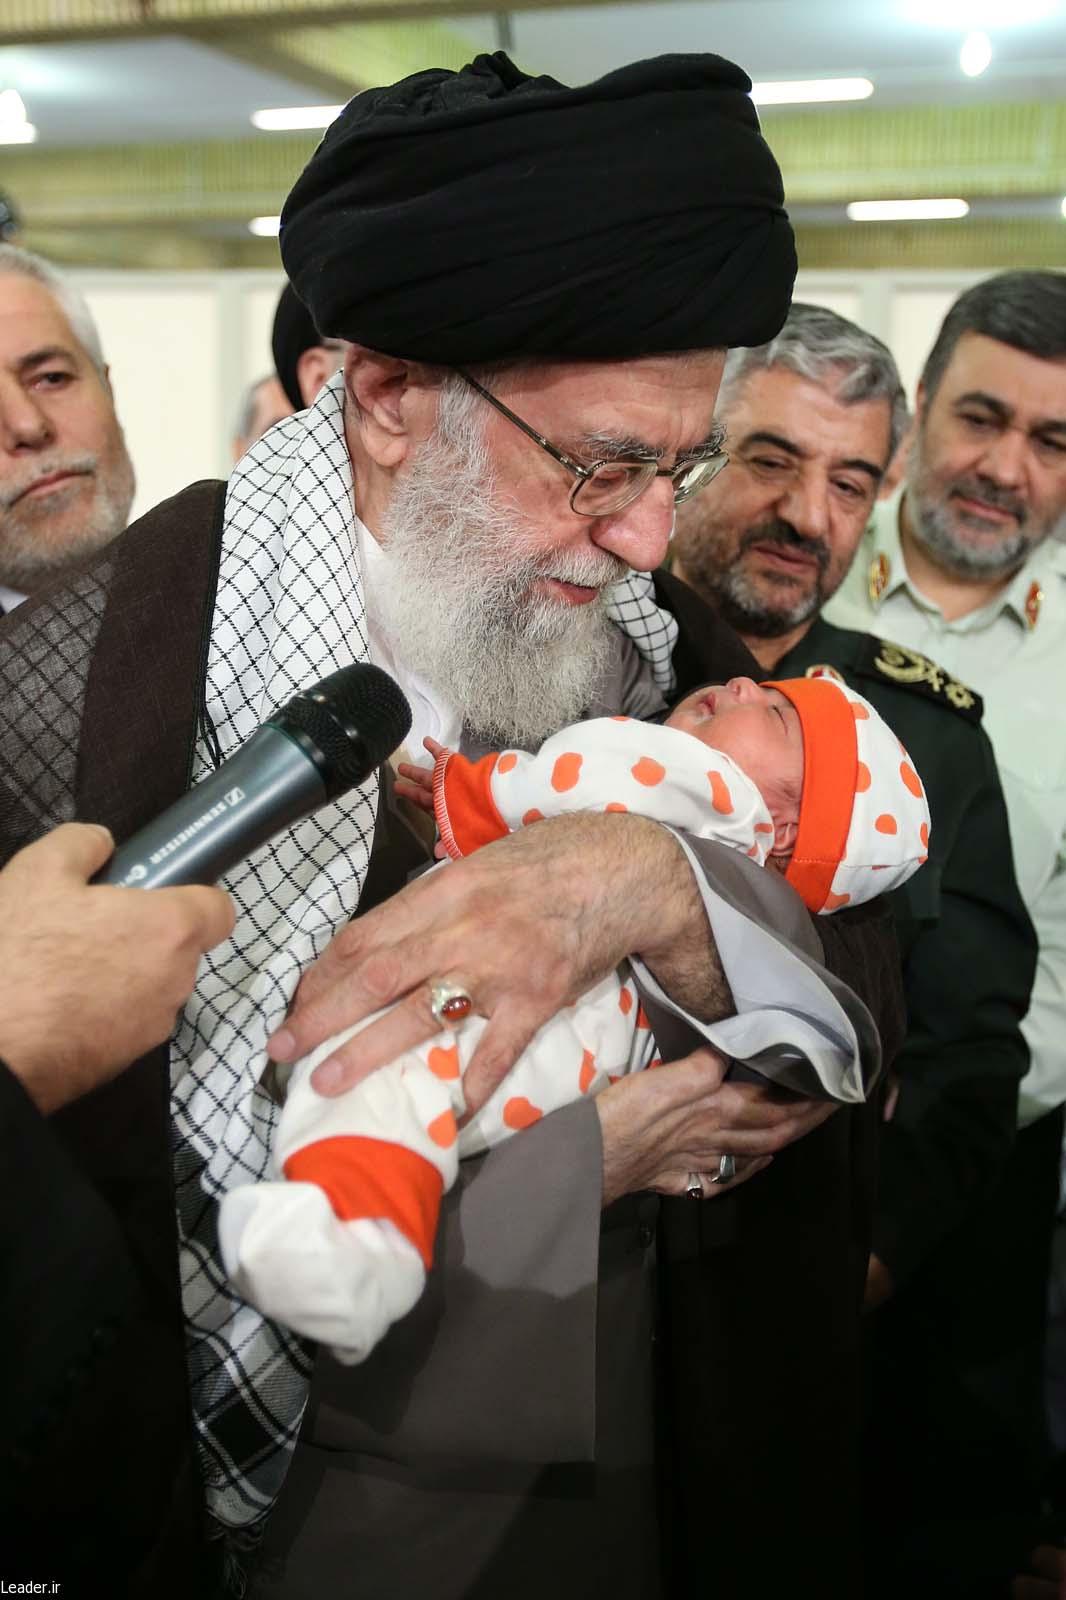 اذان گفتن رهبر انقلاب در گوش نوزاد (عکس)